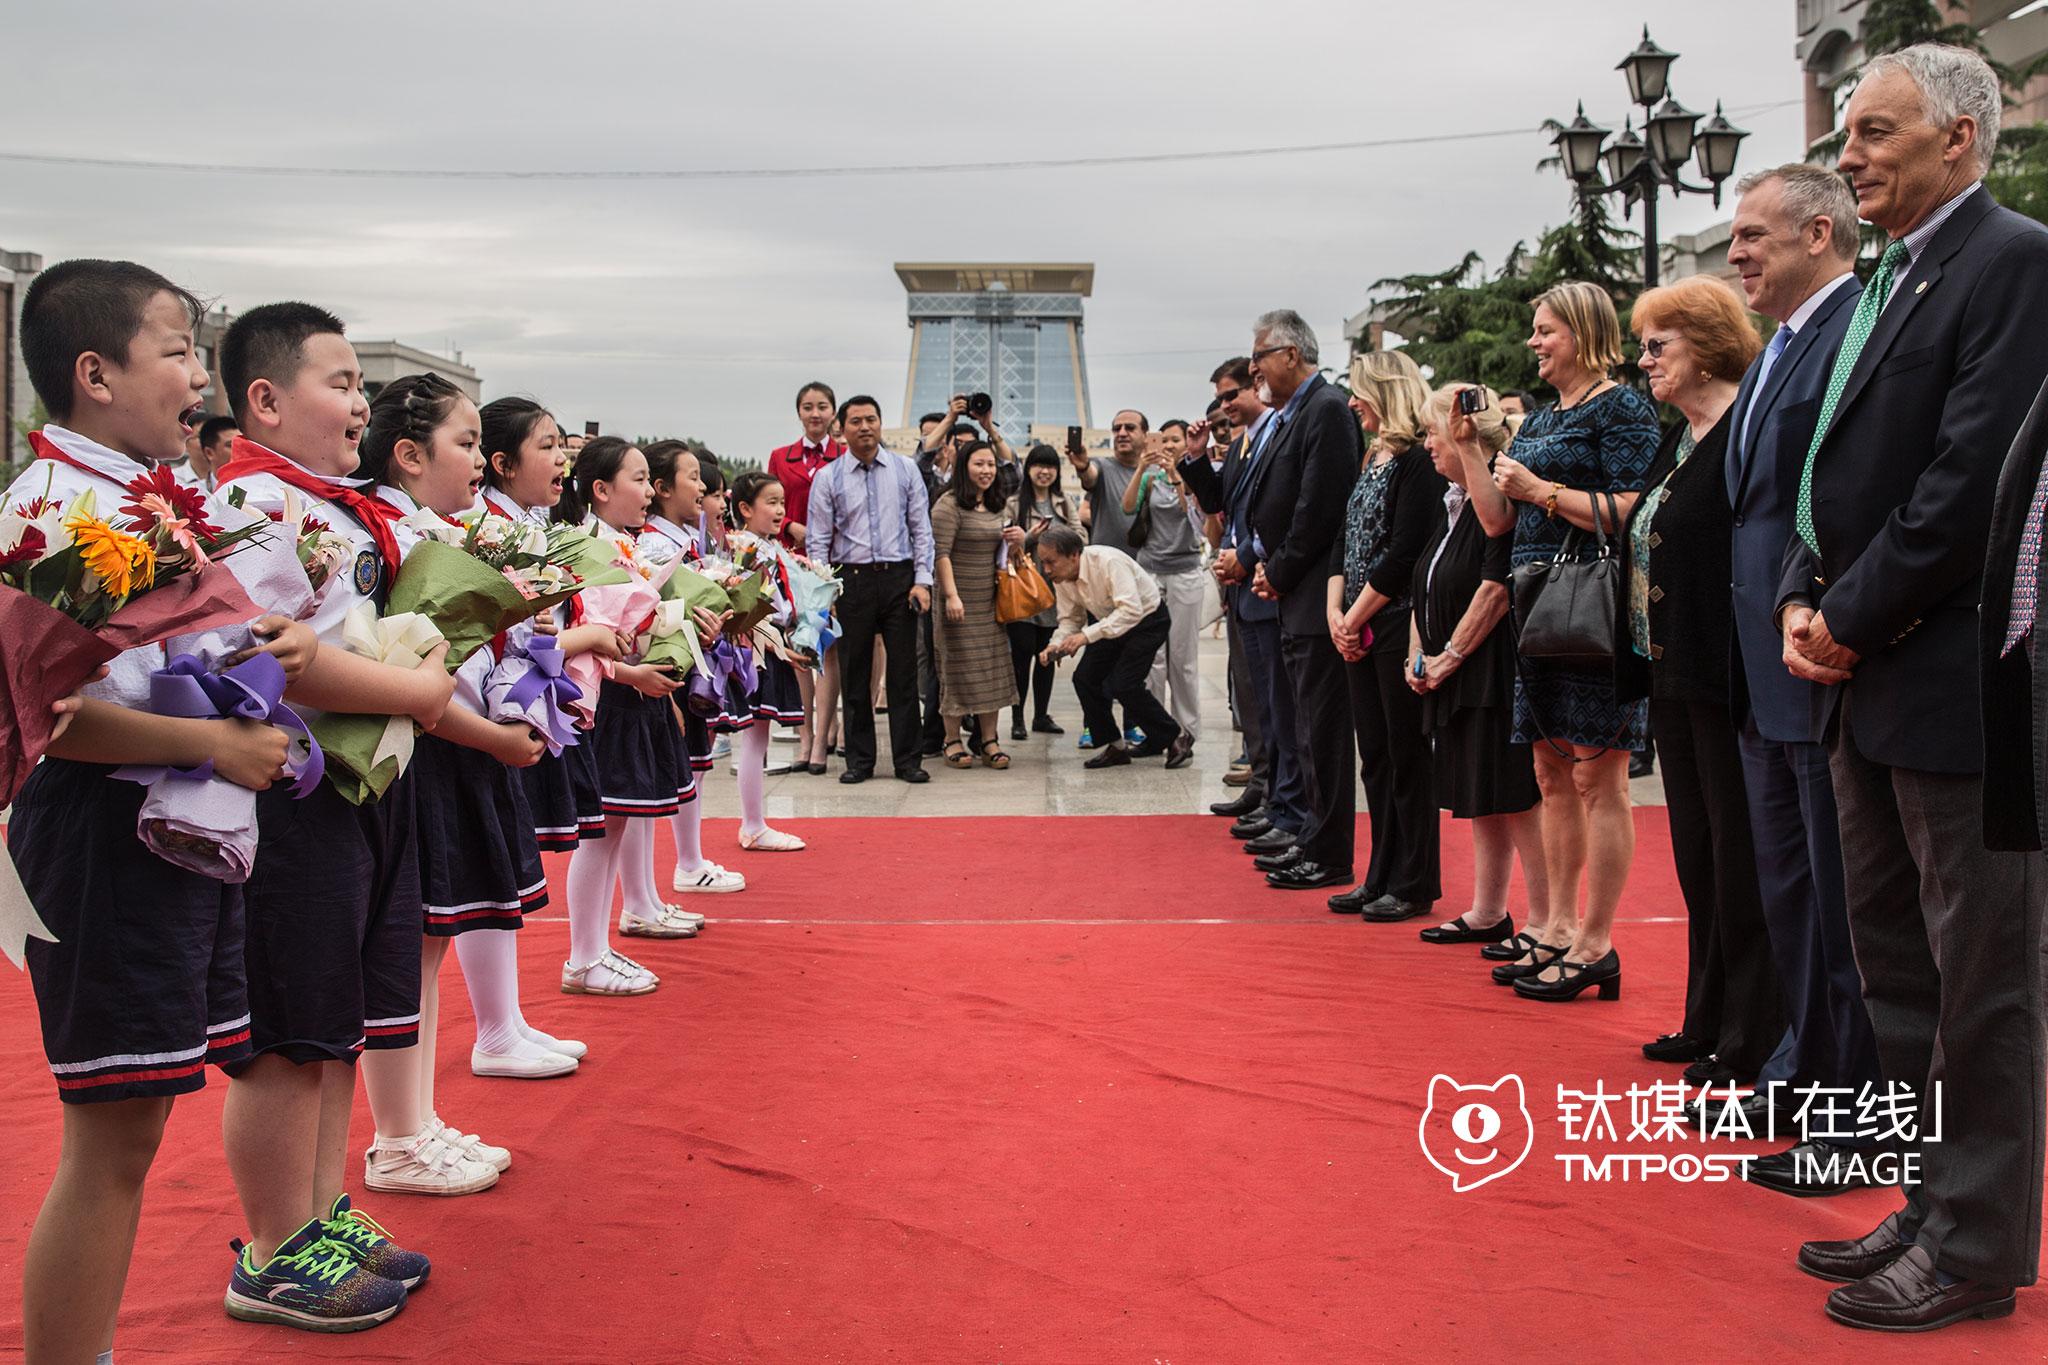 """郑州,西亚斯国际学院为硅谷市长团举行的欢迎仪式上,在齐声喊出""""Welcome to Zhengzhou""""后,小朋友列队向市长们献花。"""